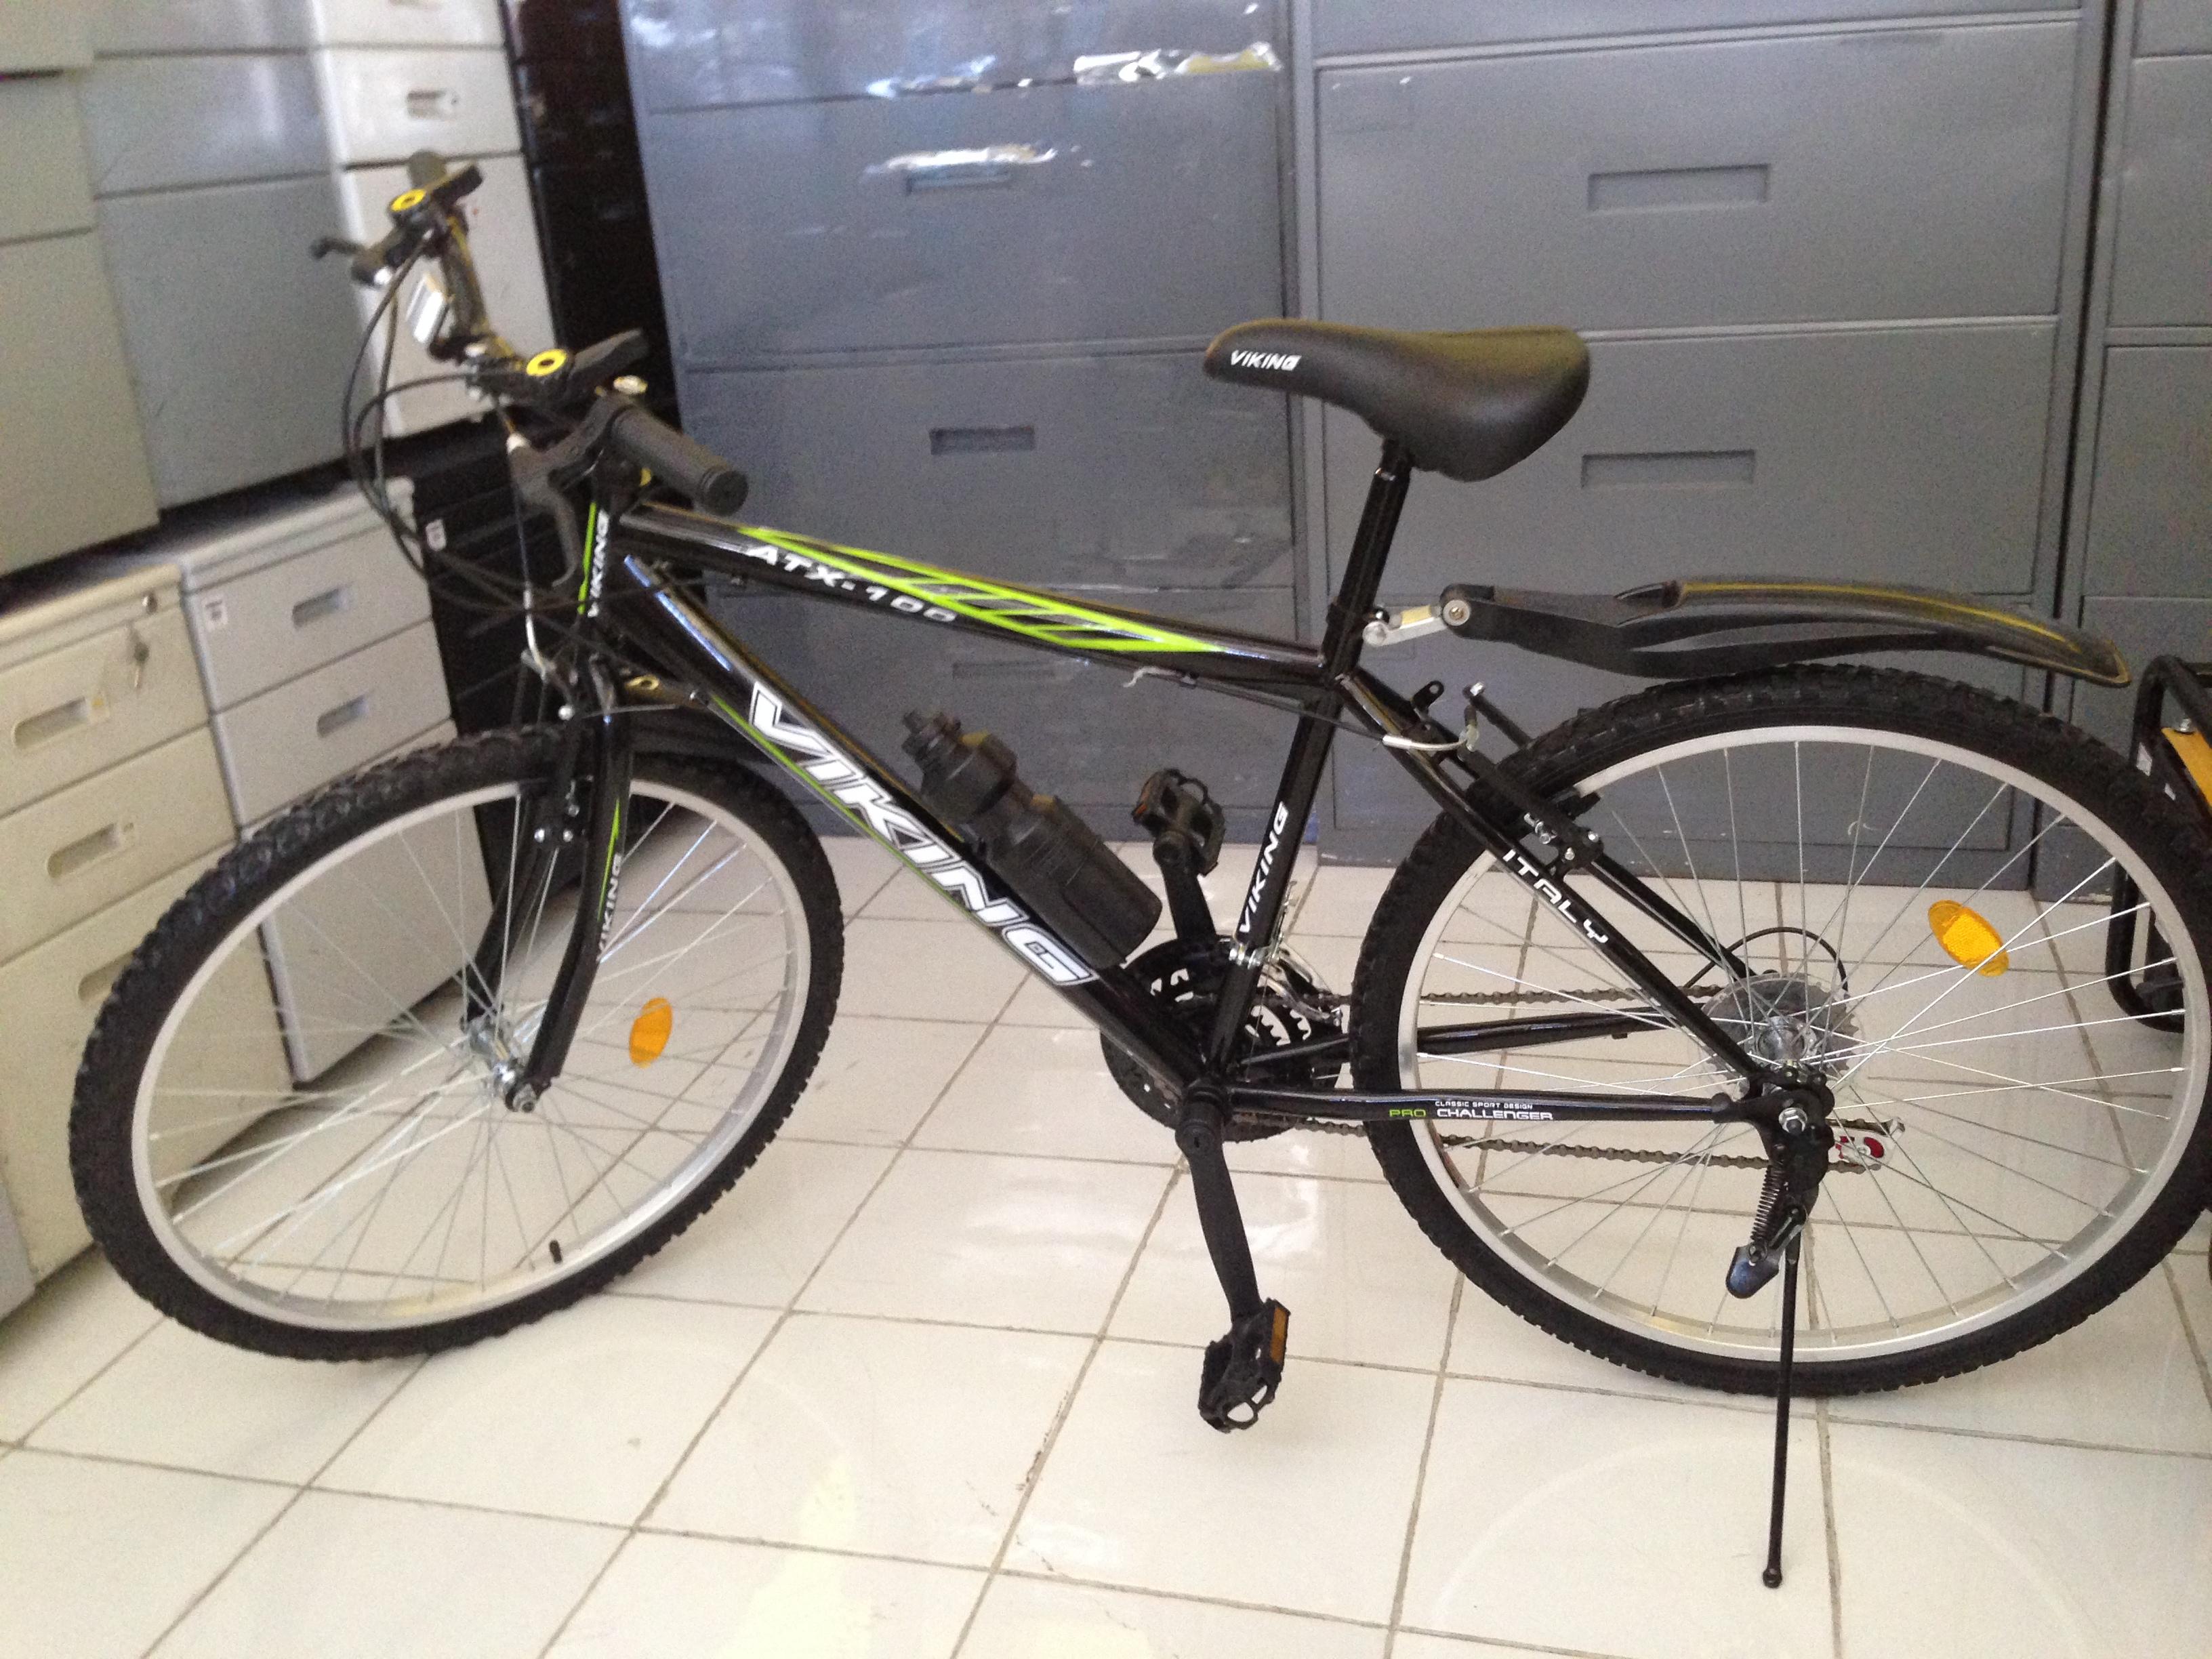 Black Mountain bike Megaoffice